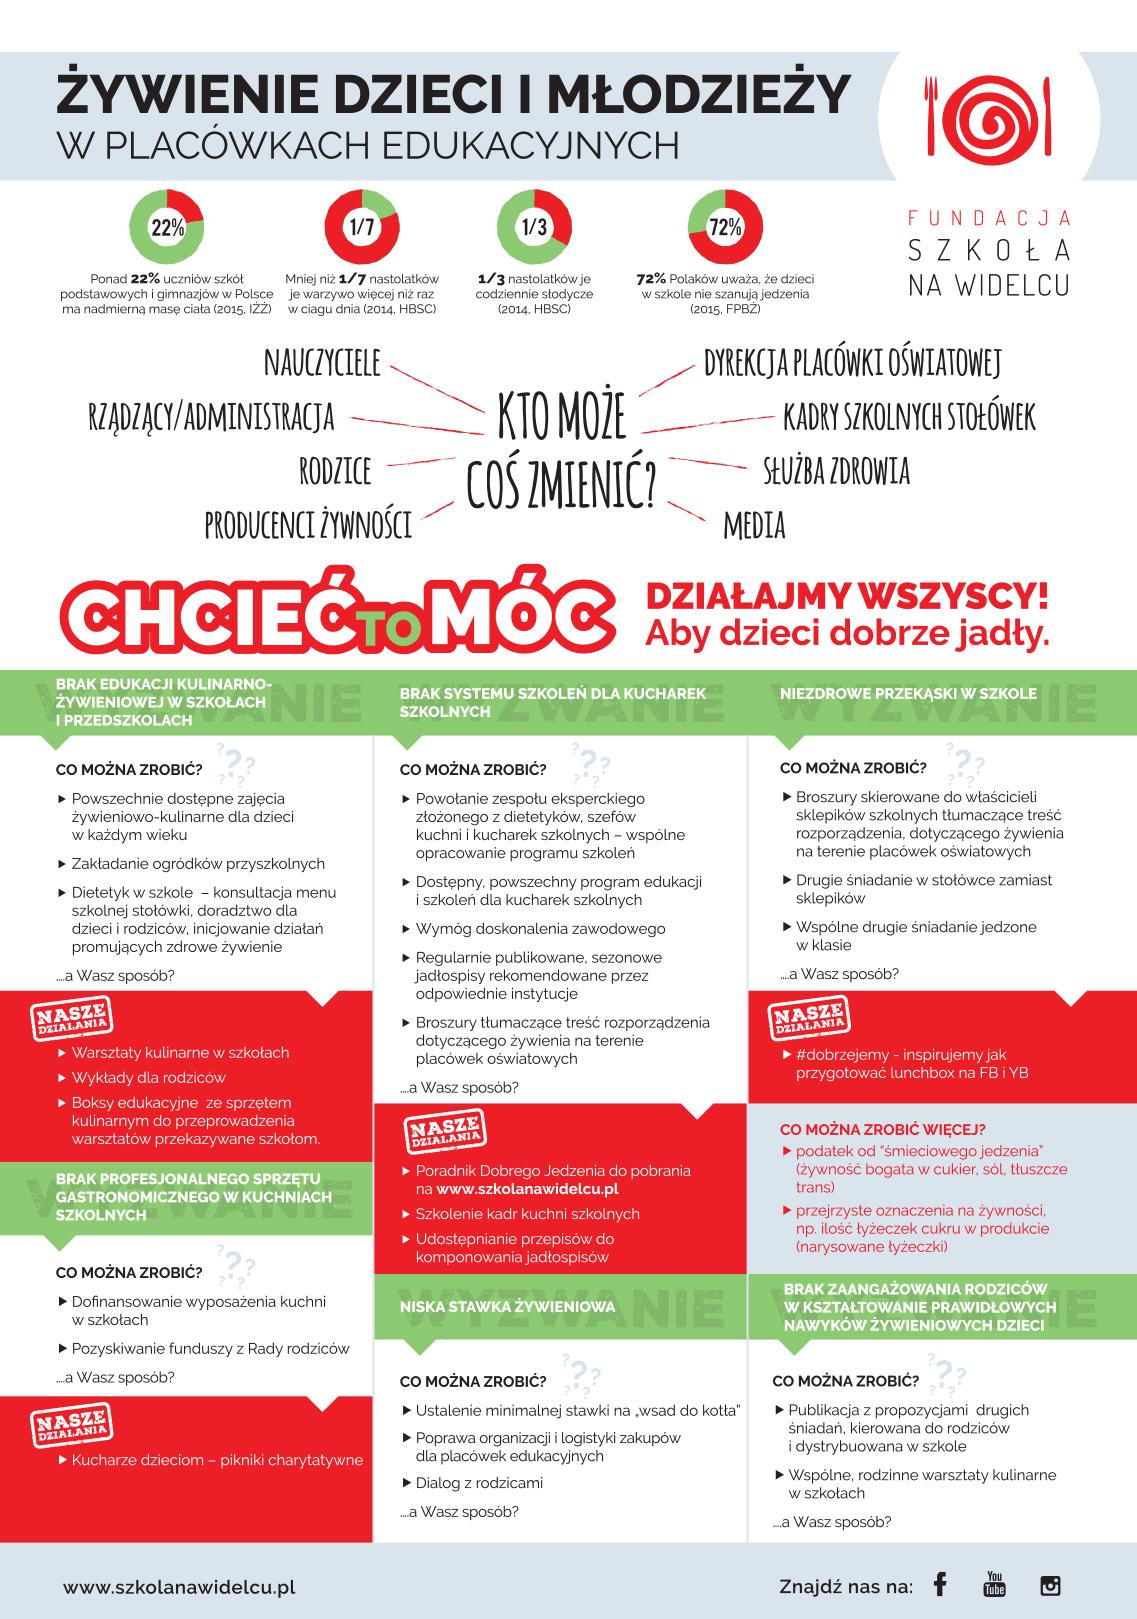 Aby dzieci dobrzejadly_infografika